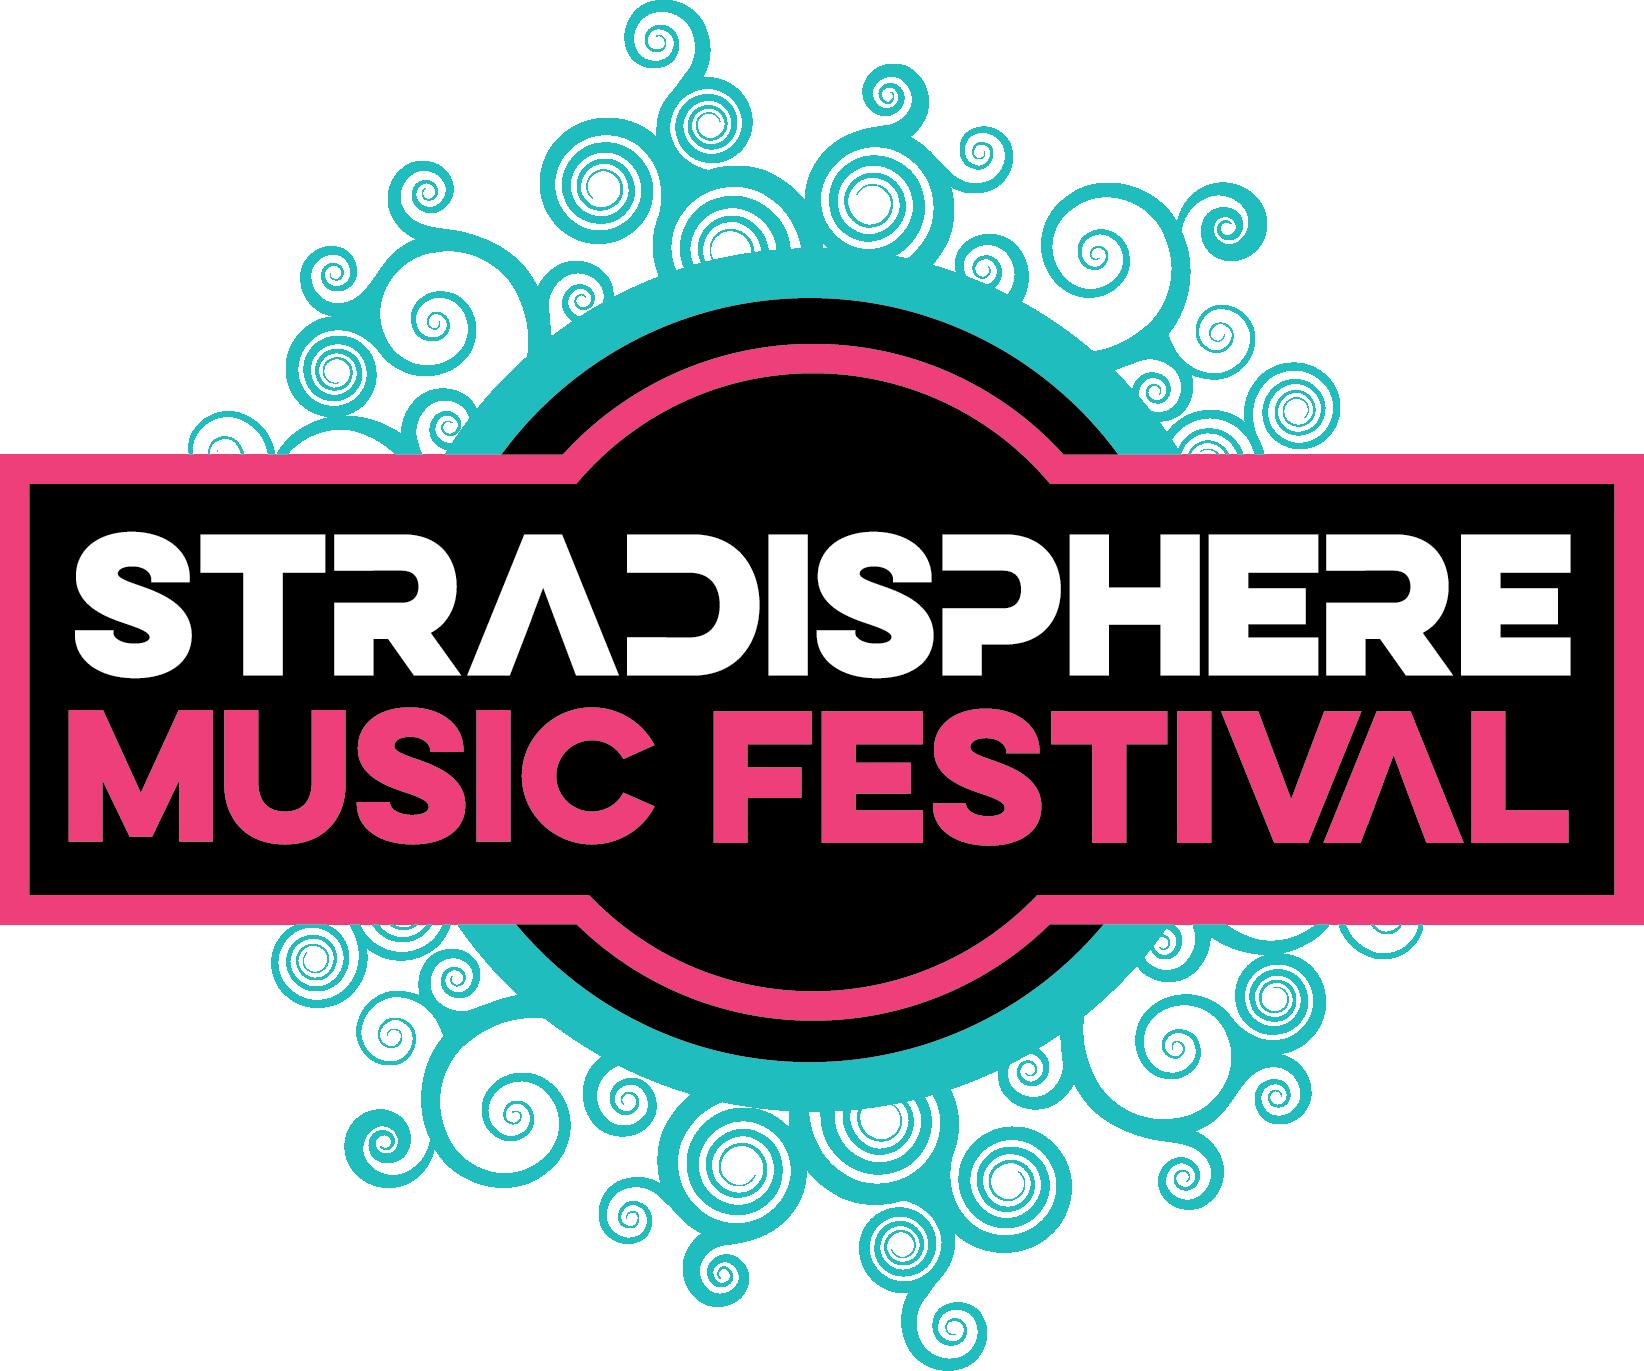 Stradisphere Music Festival